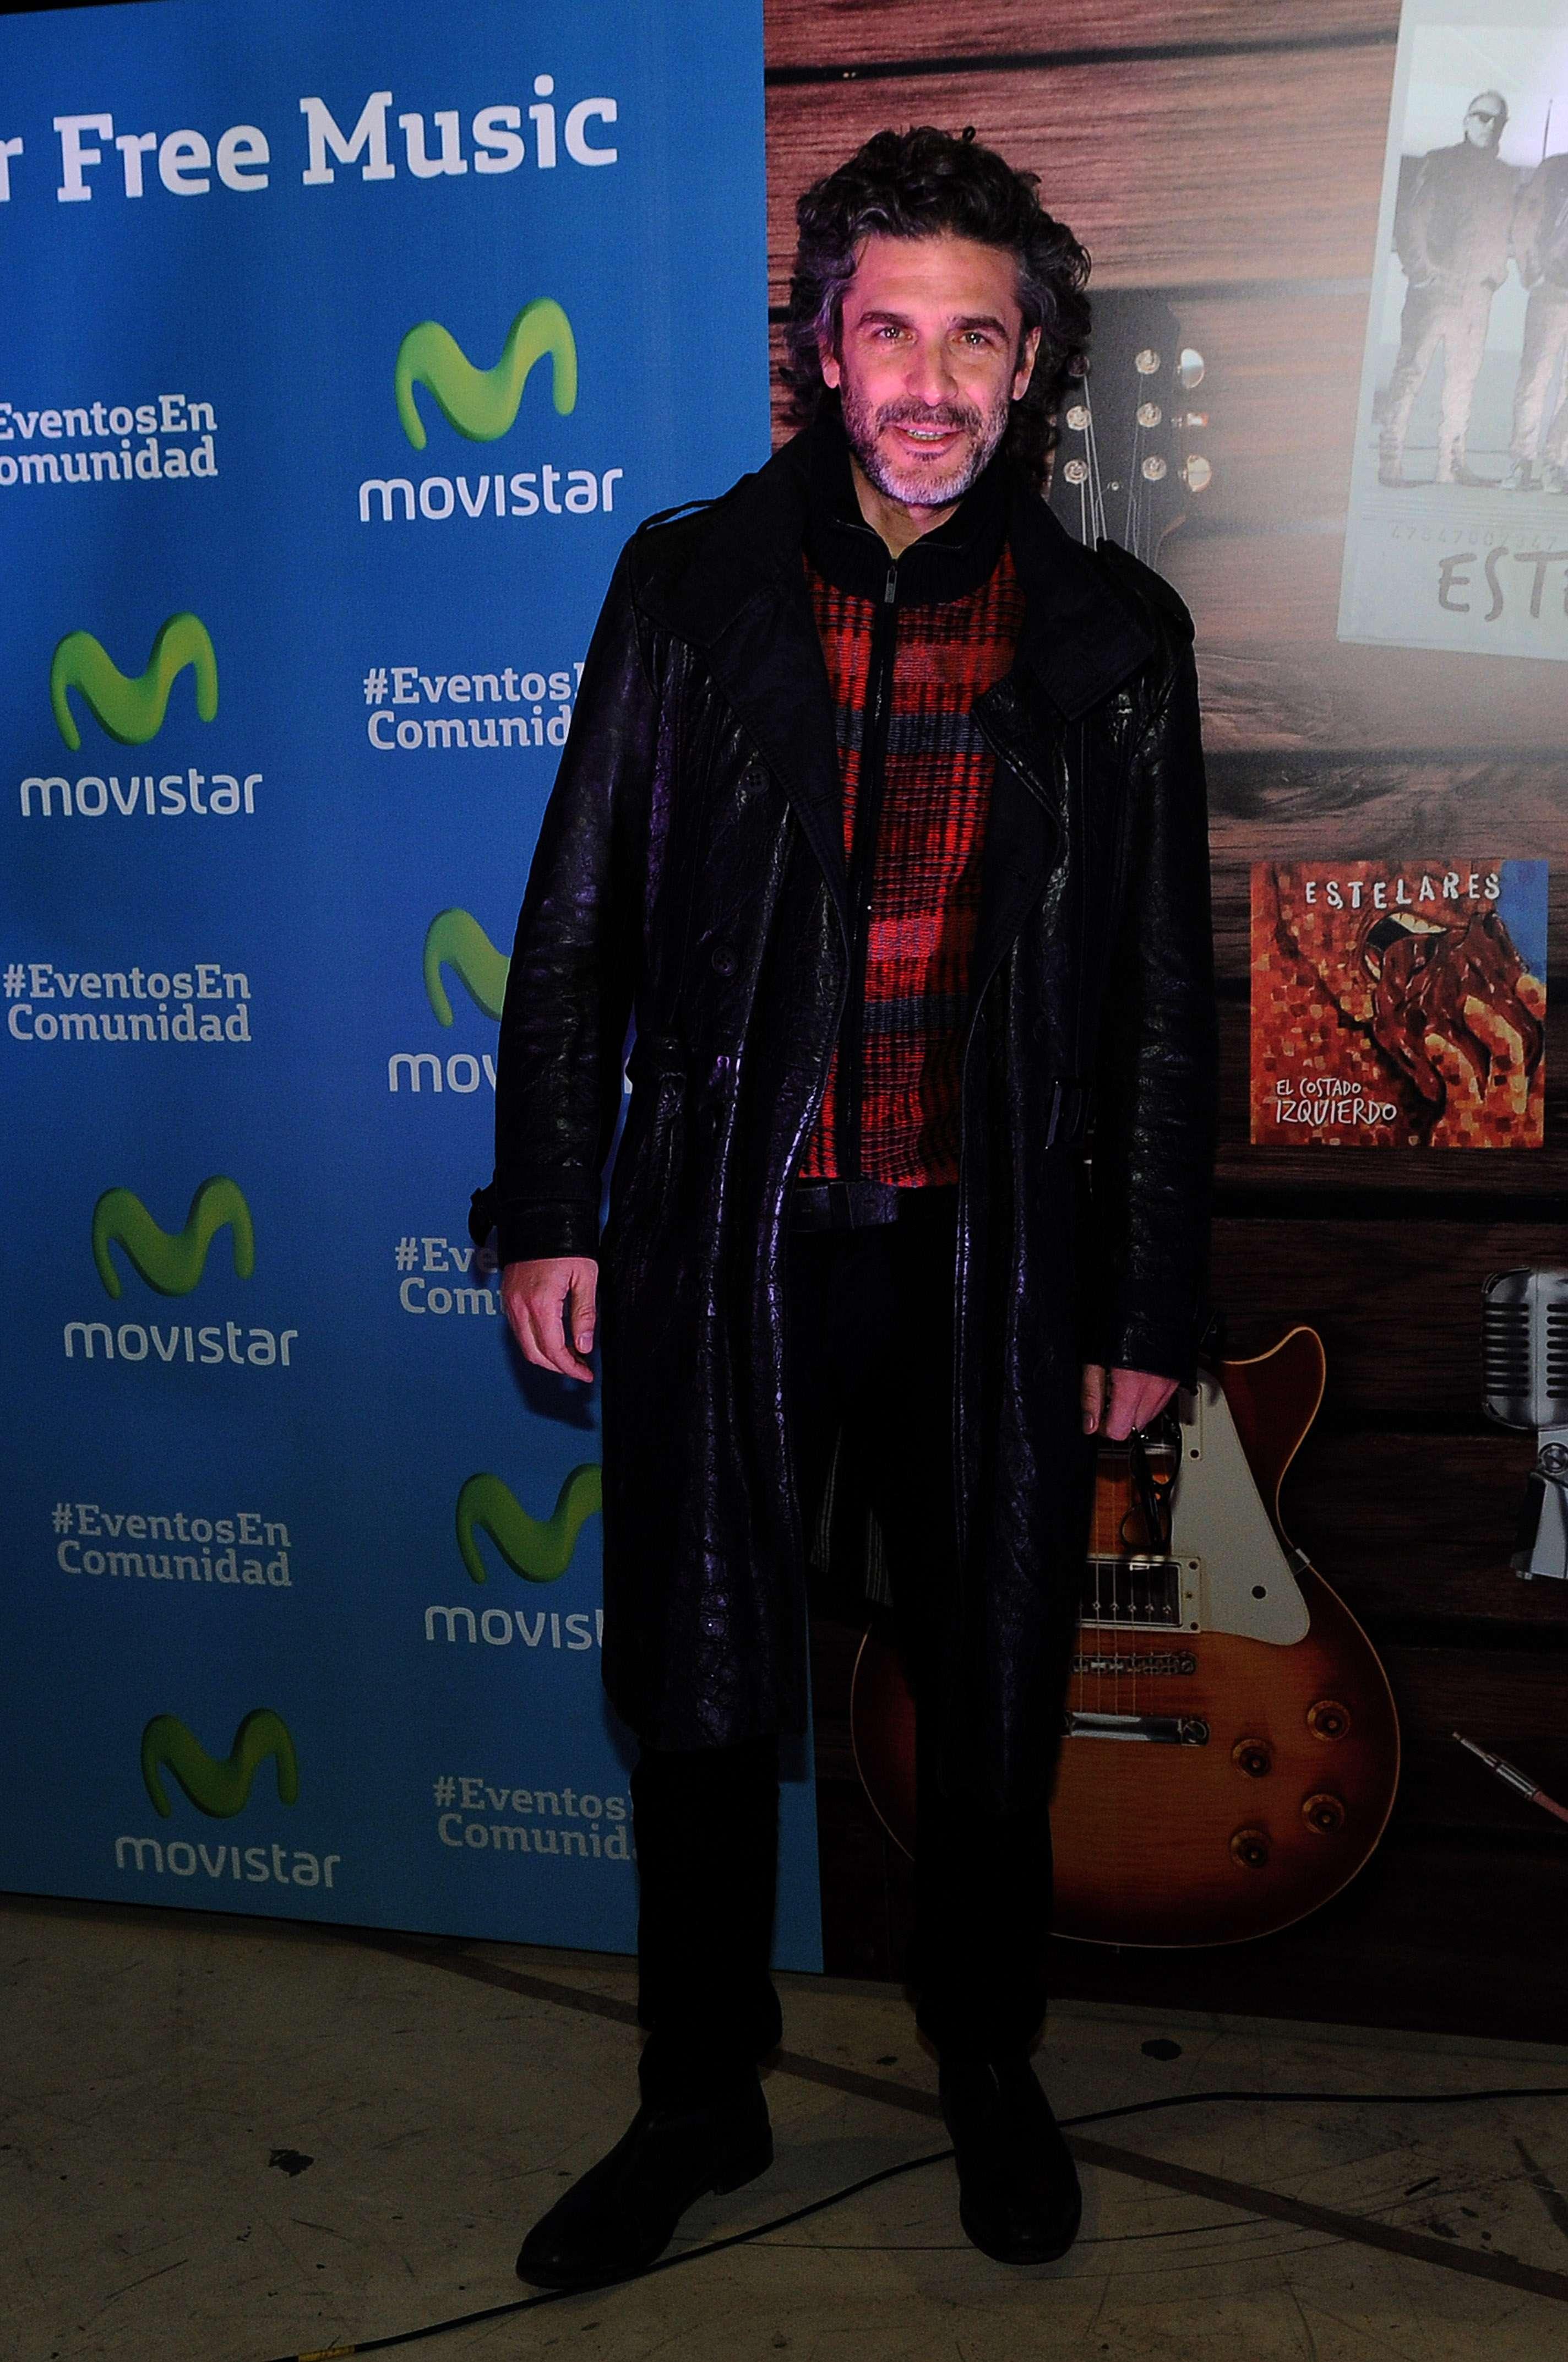 Foto: Prensa Movistar